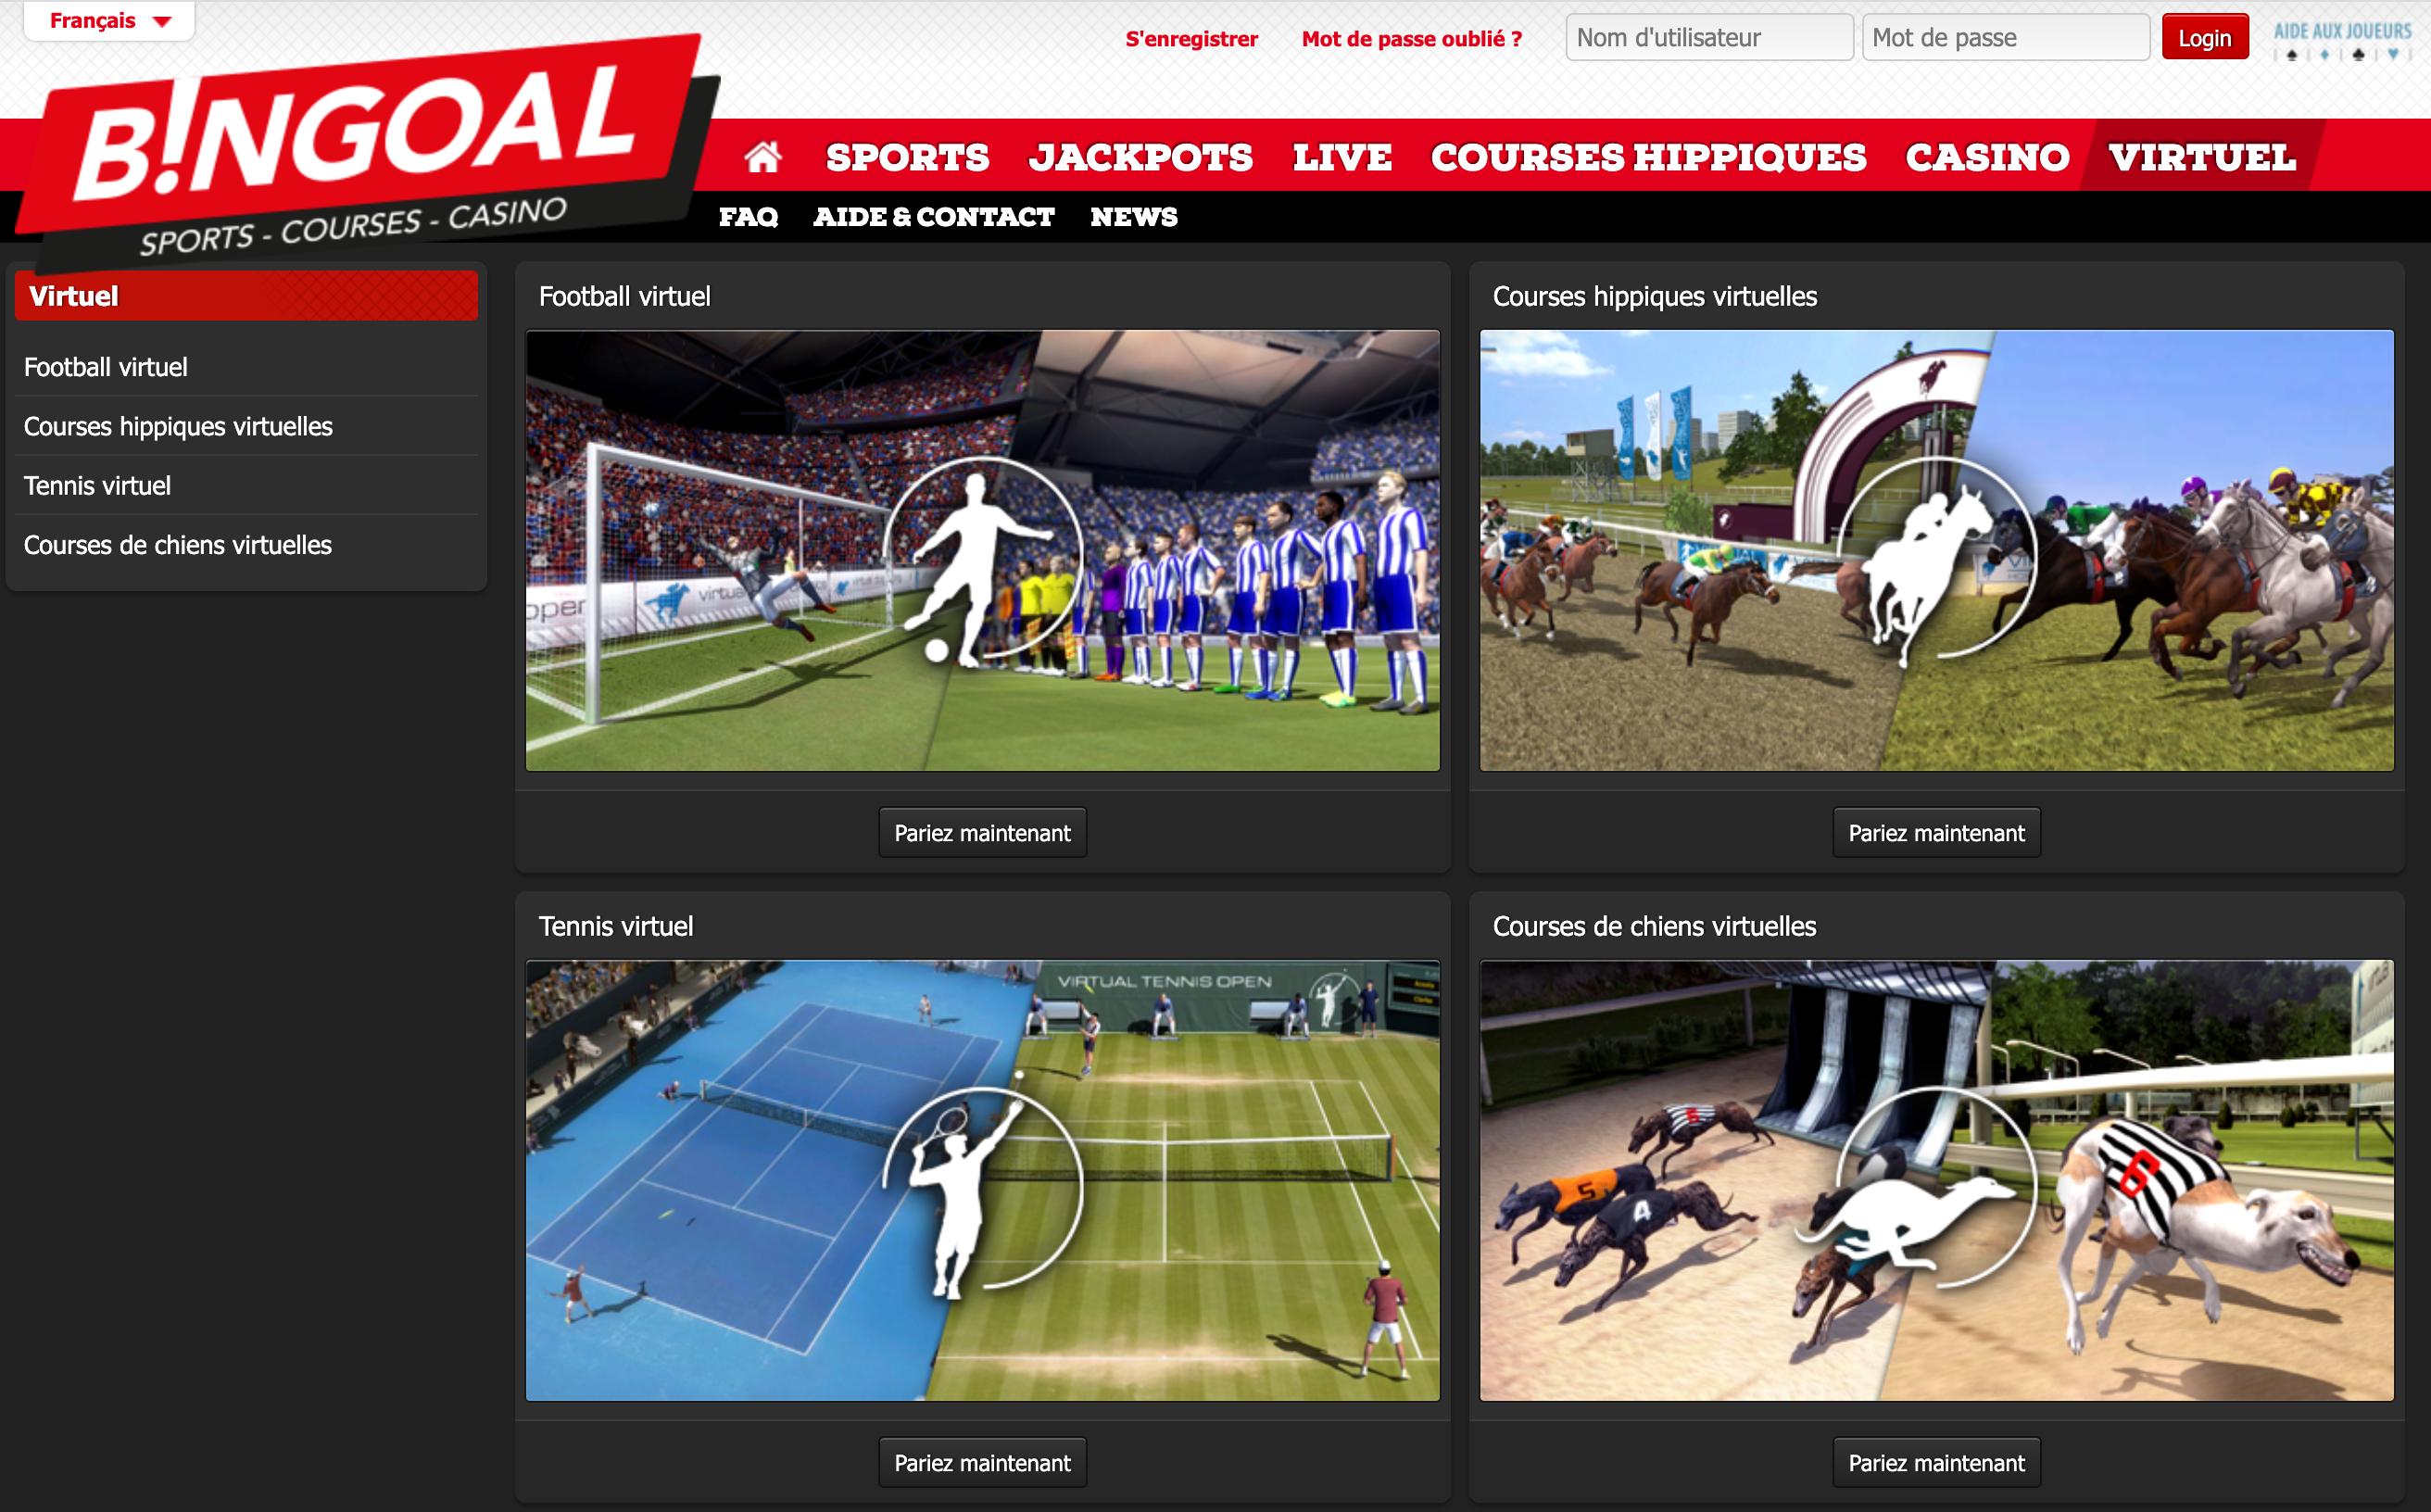 Parier sur les sports virtuelsBingoal